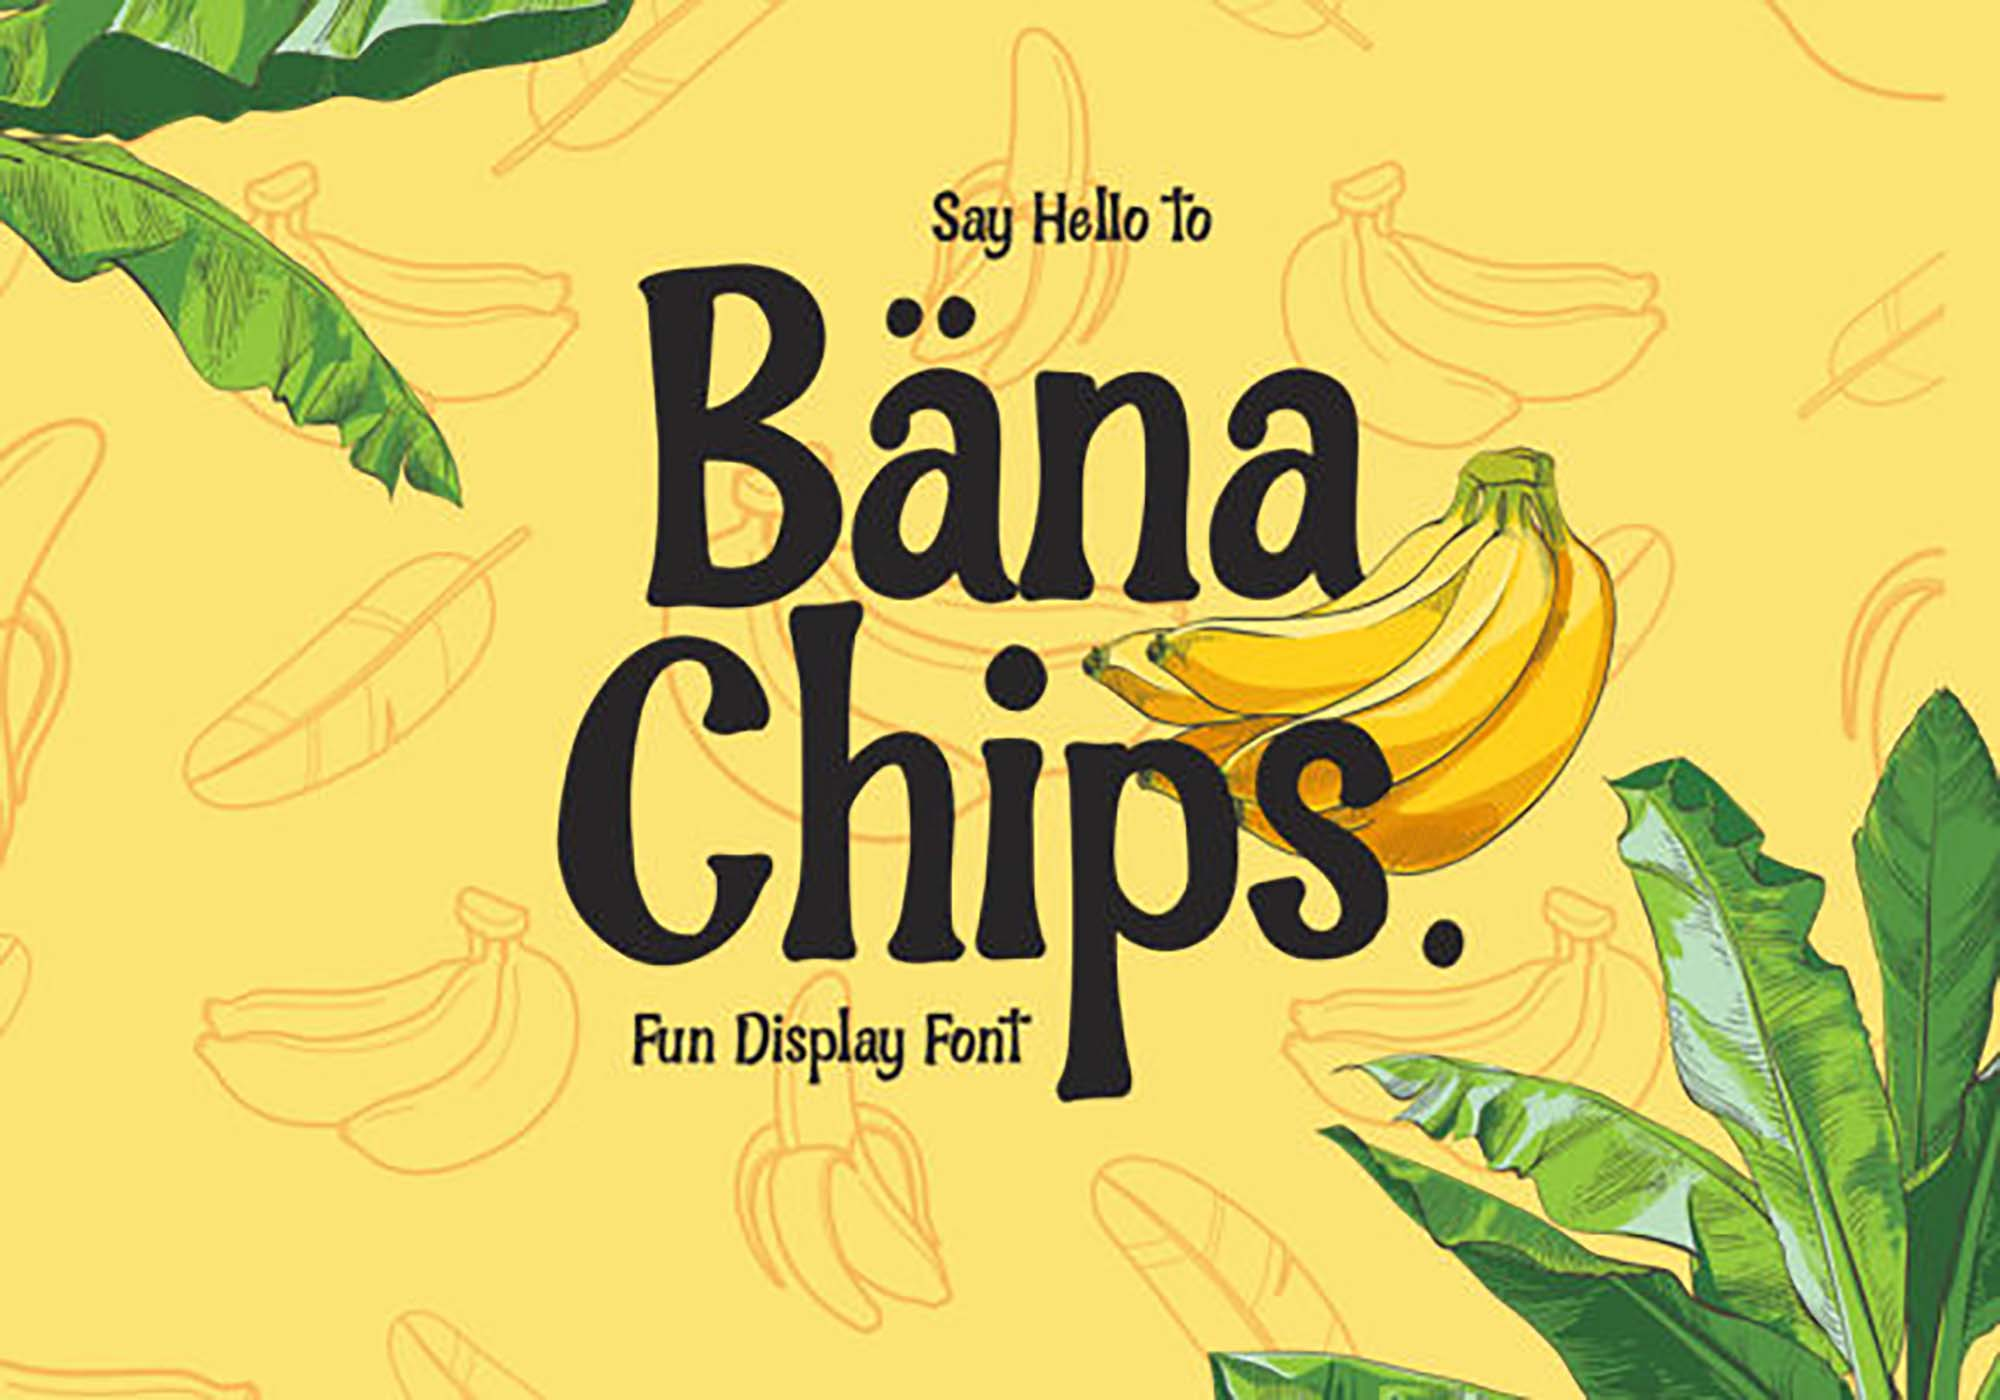 Ban Chips Font